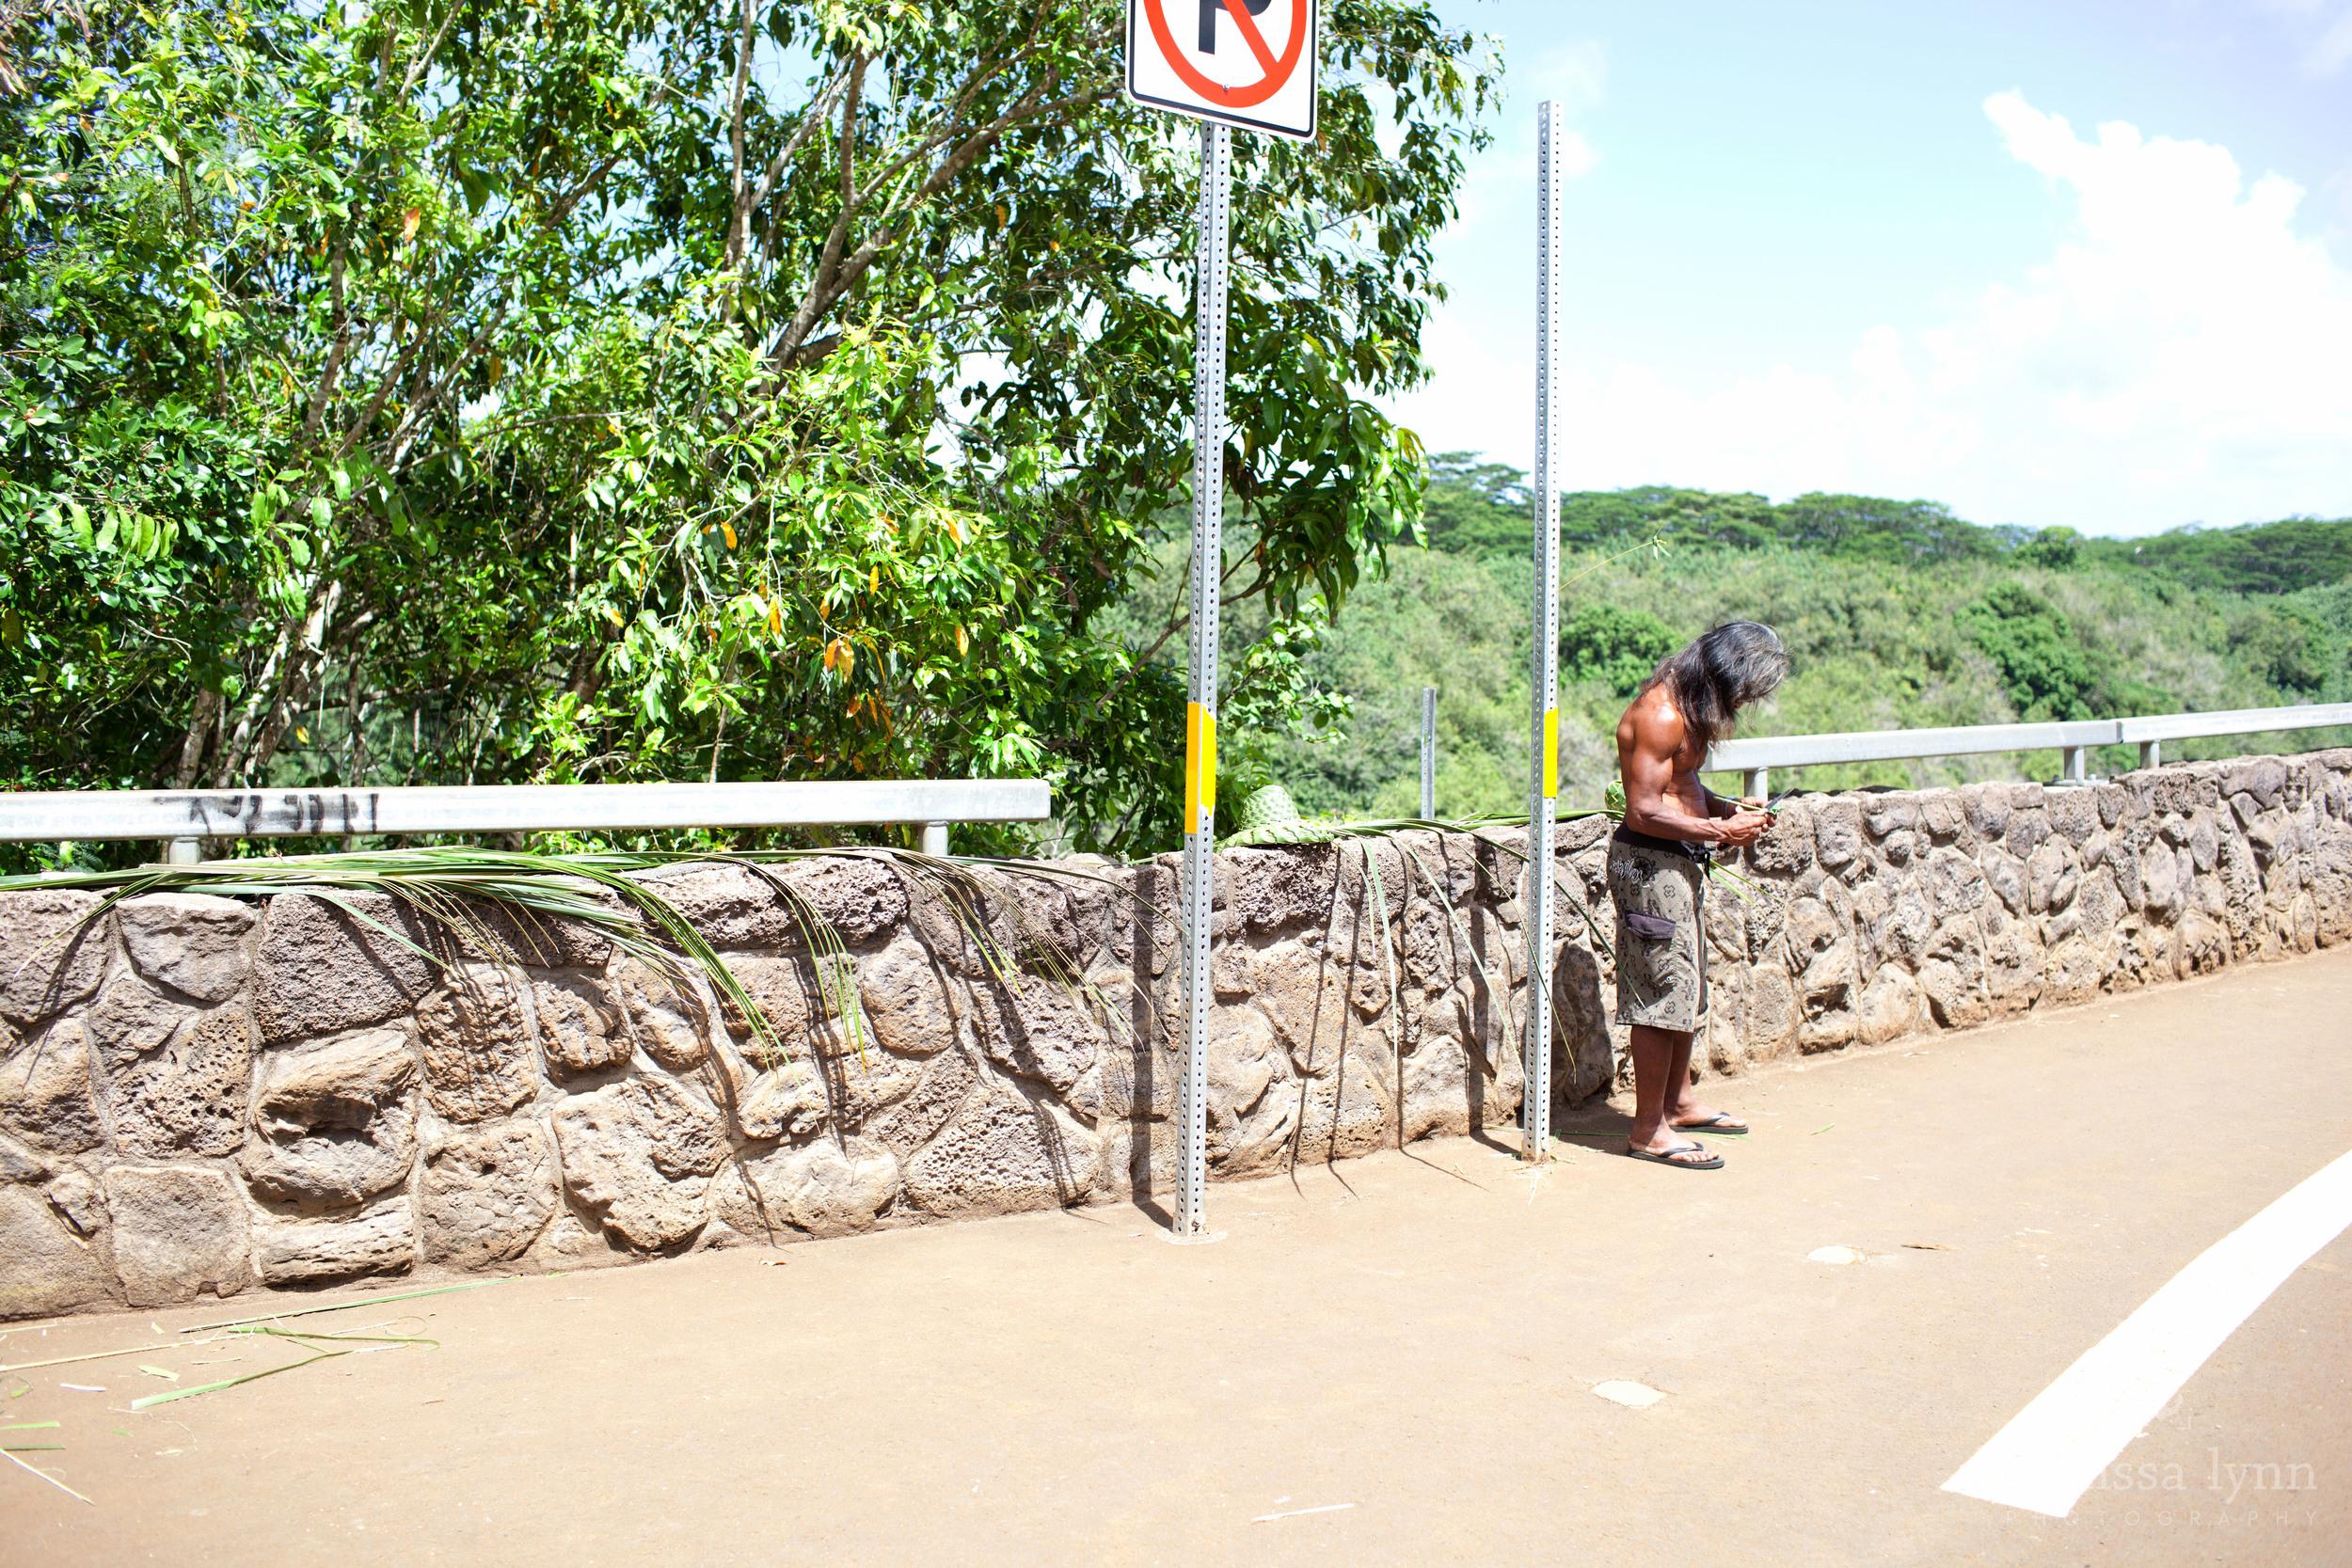 kauai_web-32.jpg